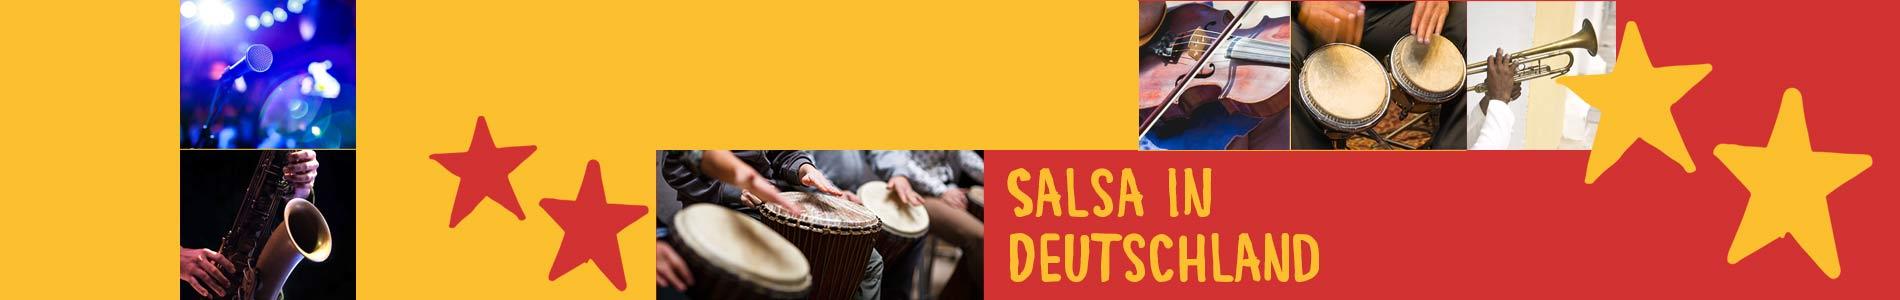 Salsa in Borgholzhausen – Salsa lernen und tanzen, Tanzkurse, Partys, Veranstaltungen